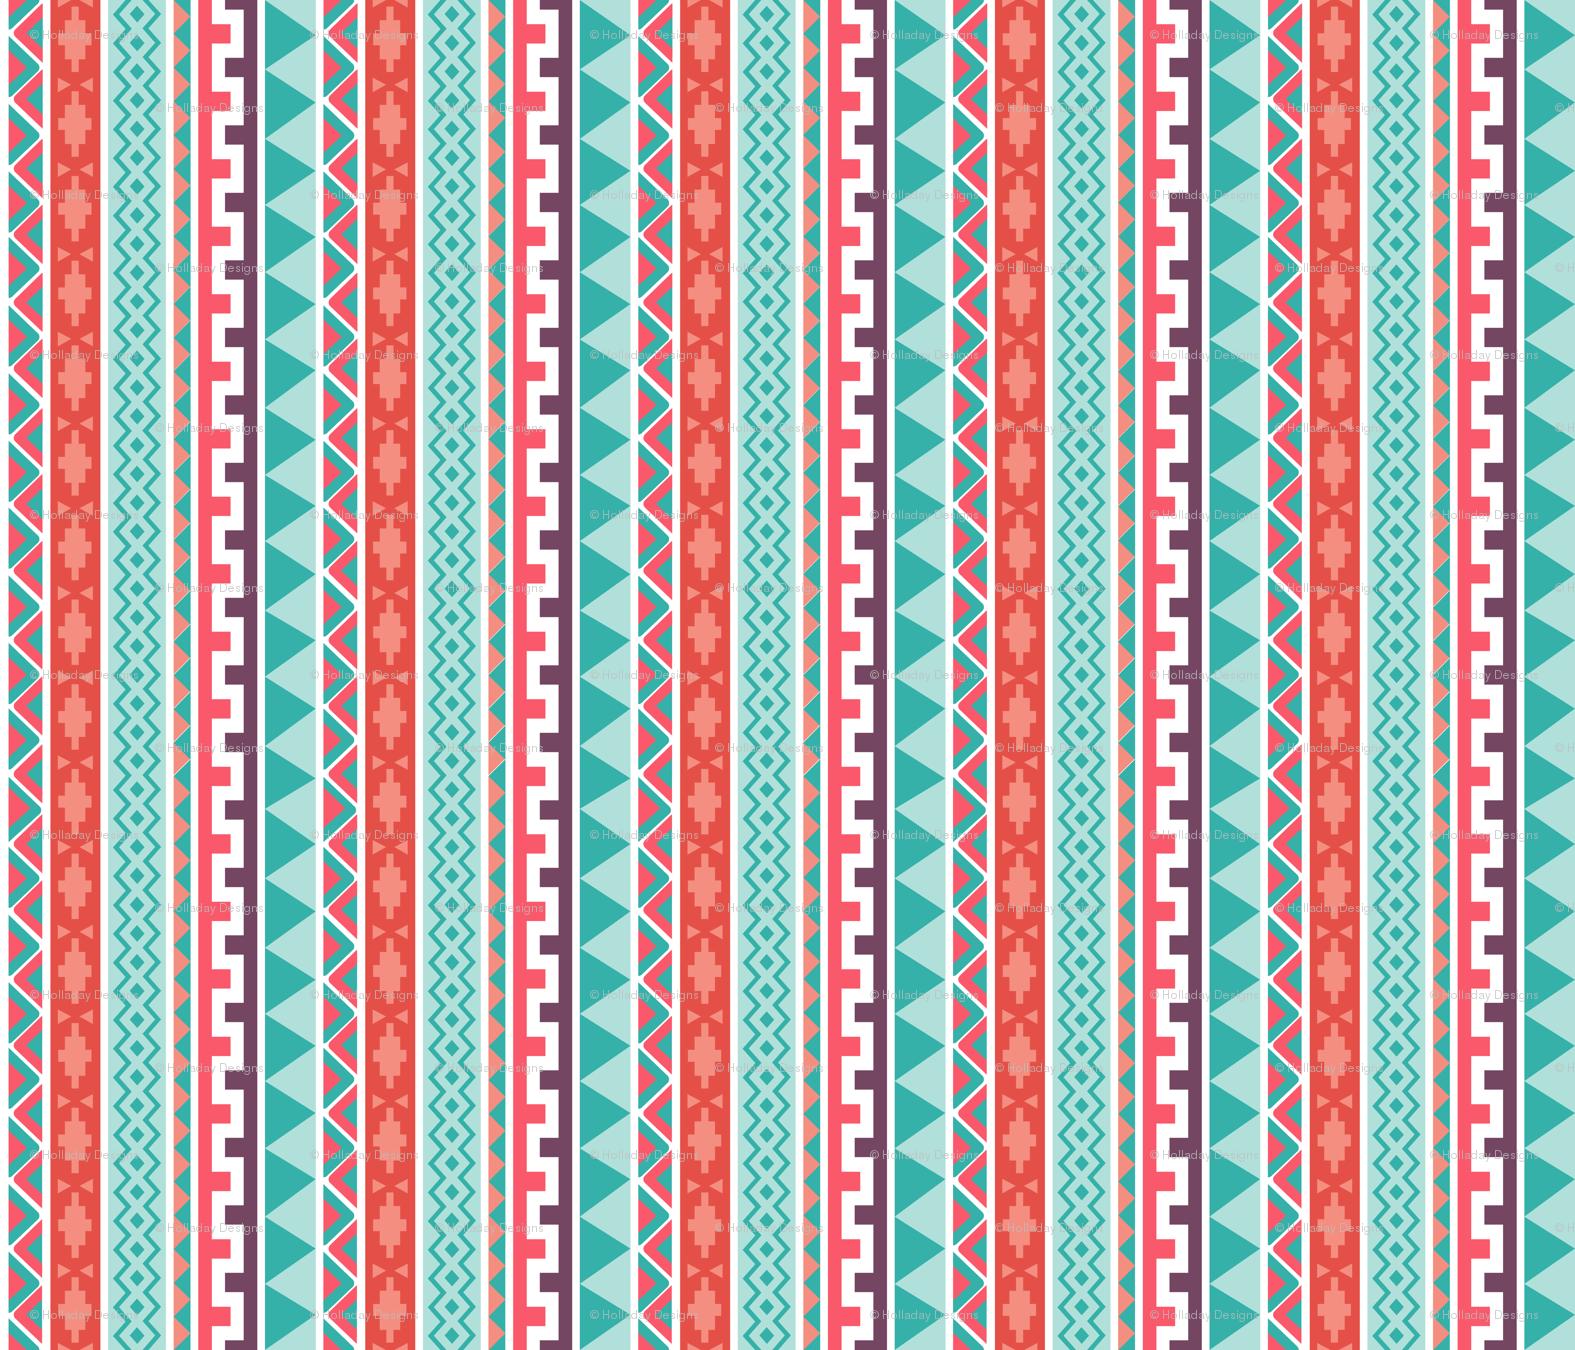 Tribal Pattern Wallpaper Holladaydesigns Spoonflower